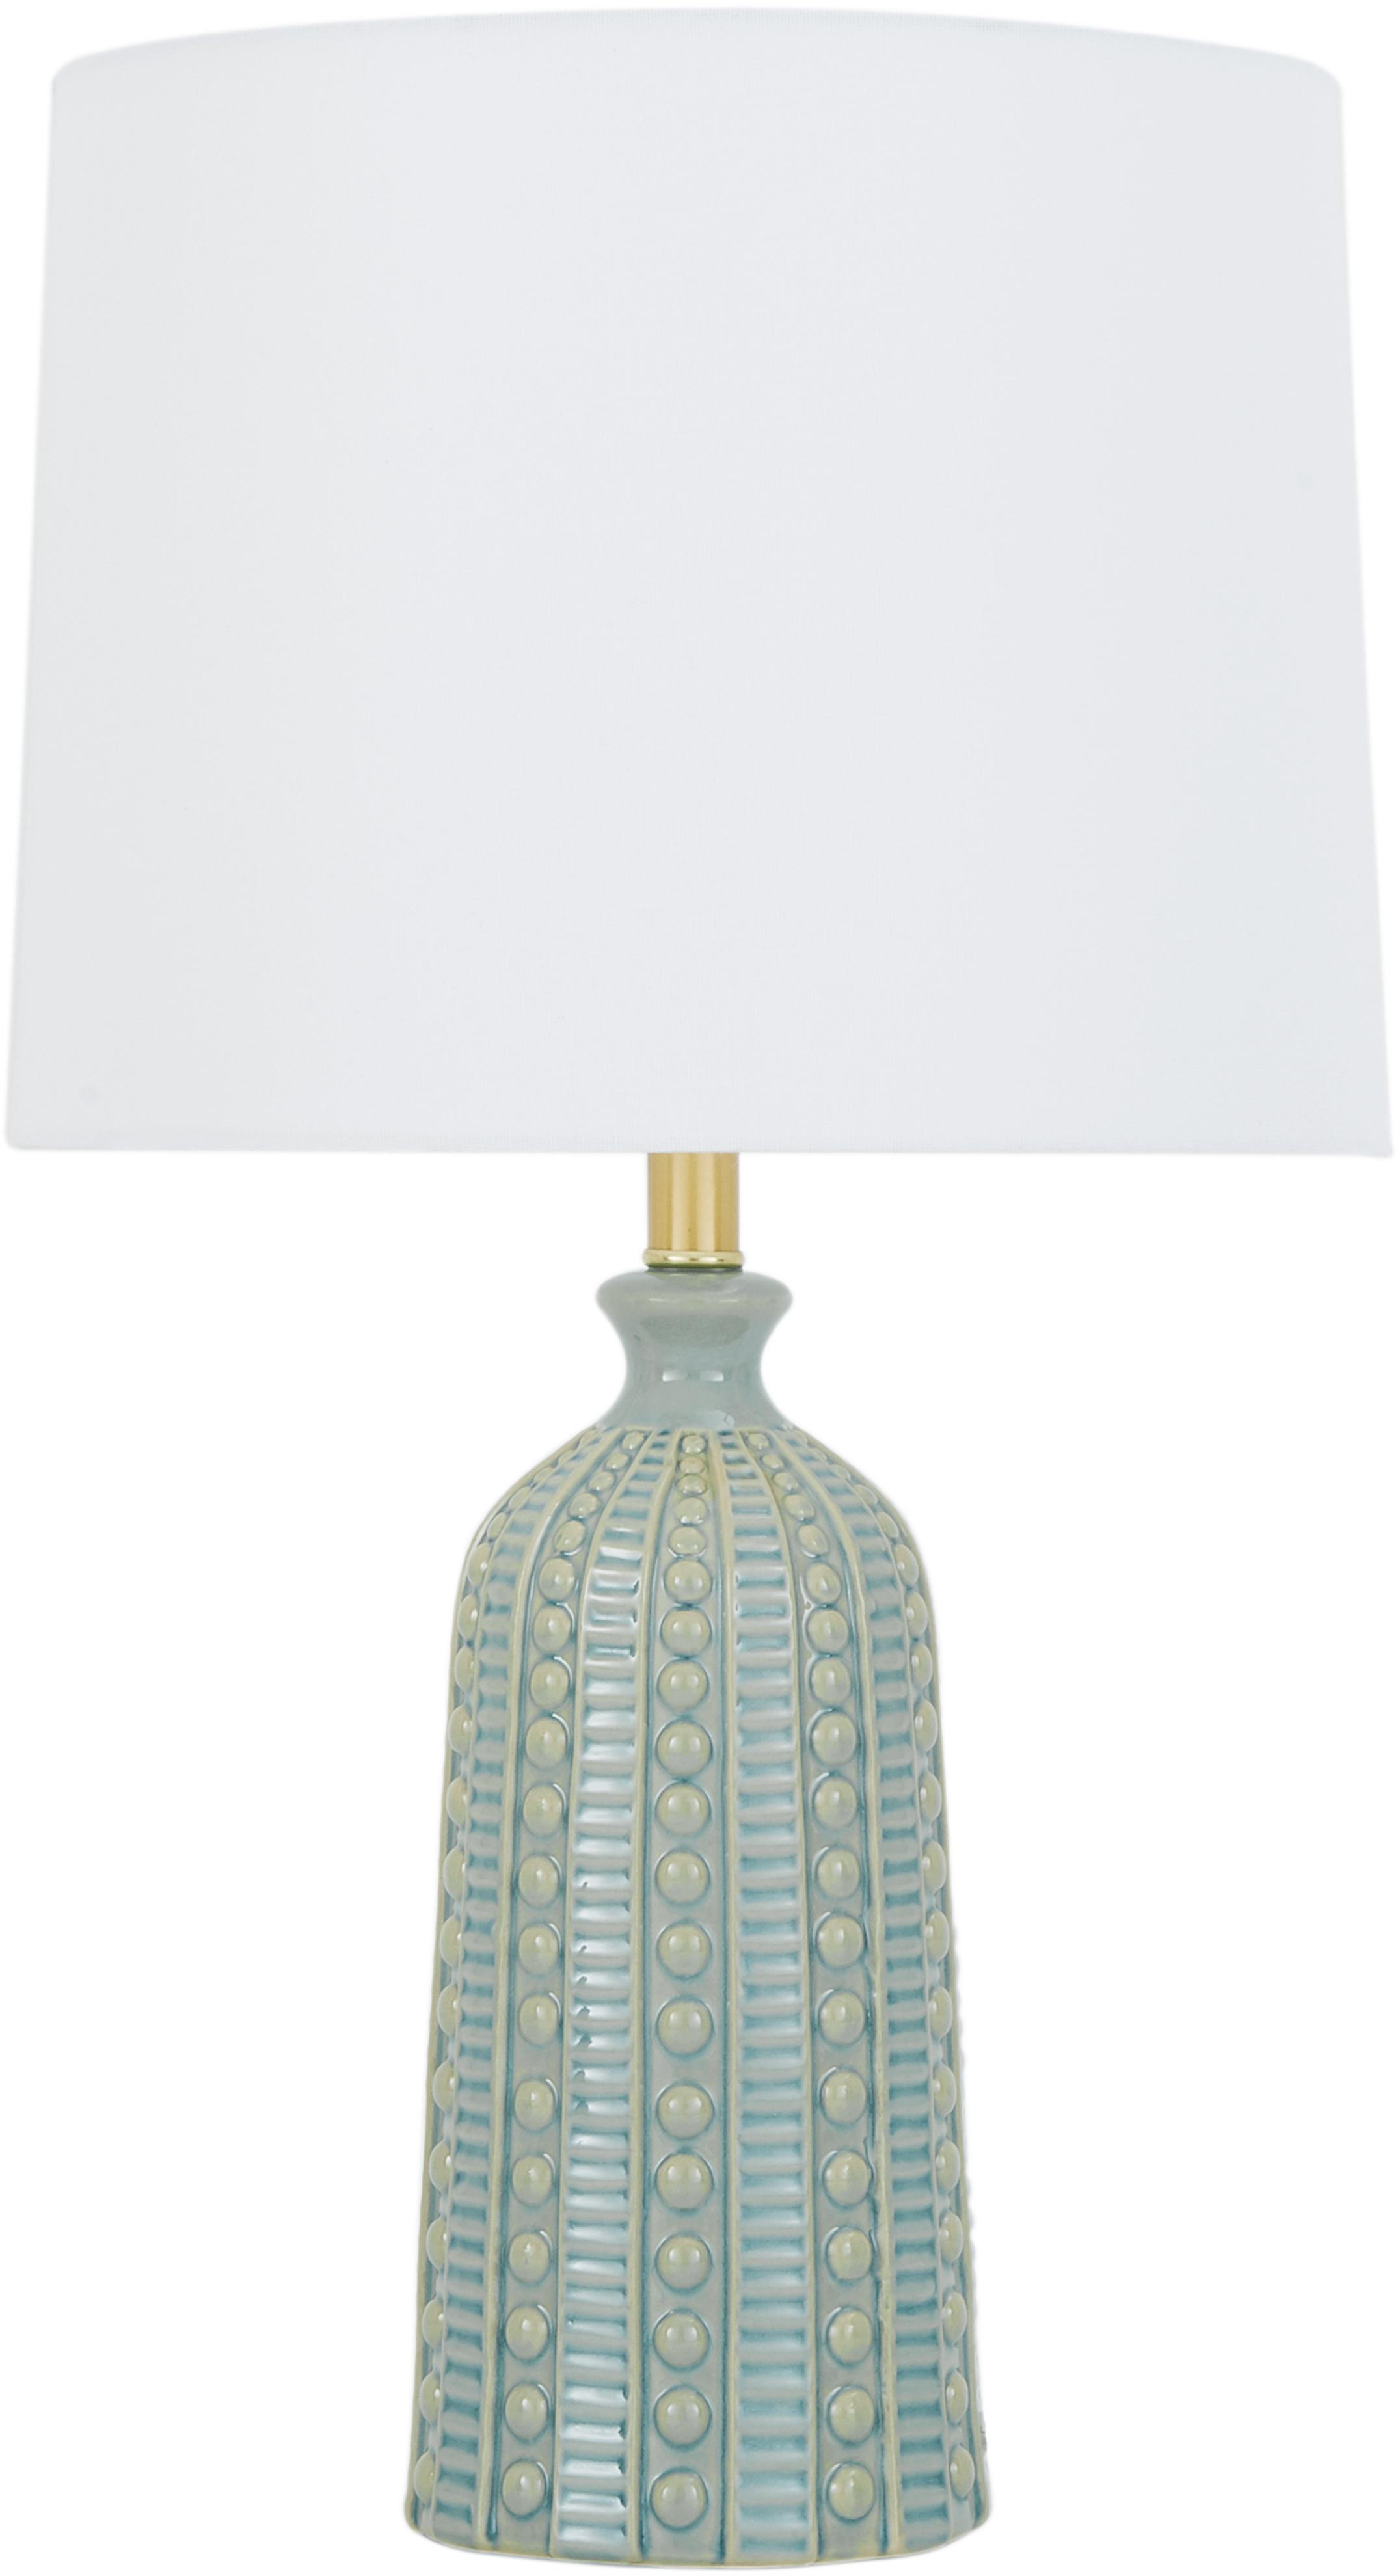 Lampa stołowa Nizza, Szałwiowa zieleń, Ø 35 x W 60 cm